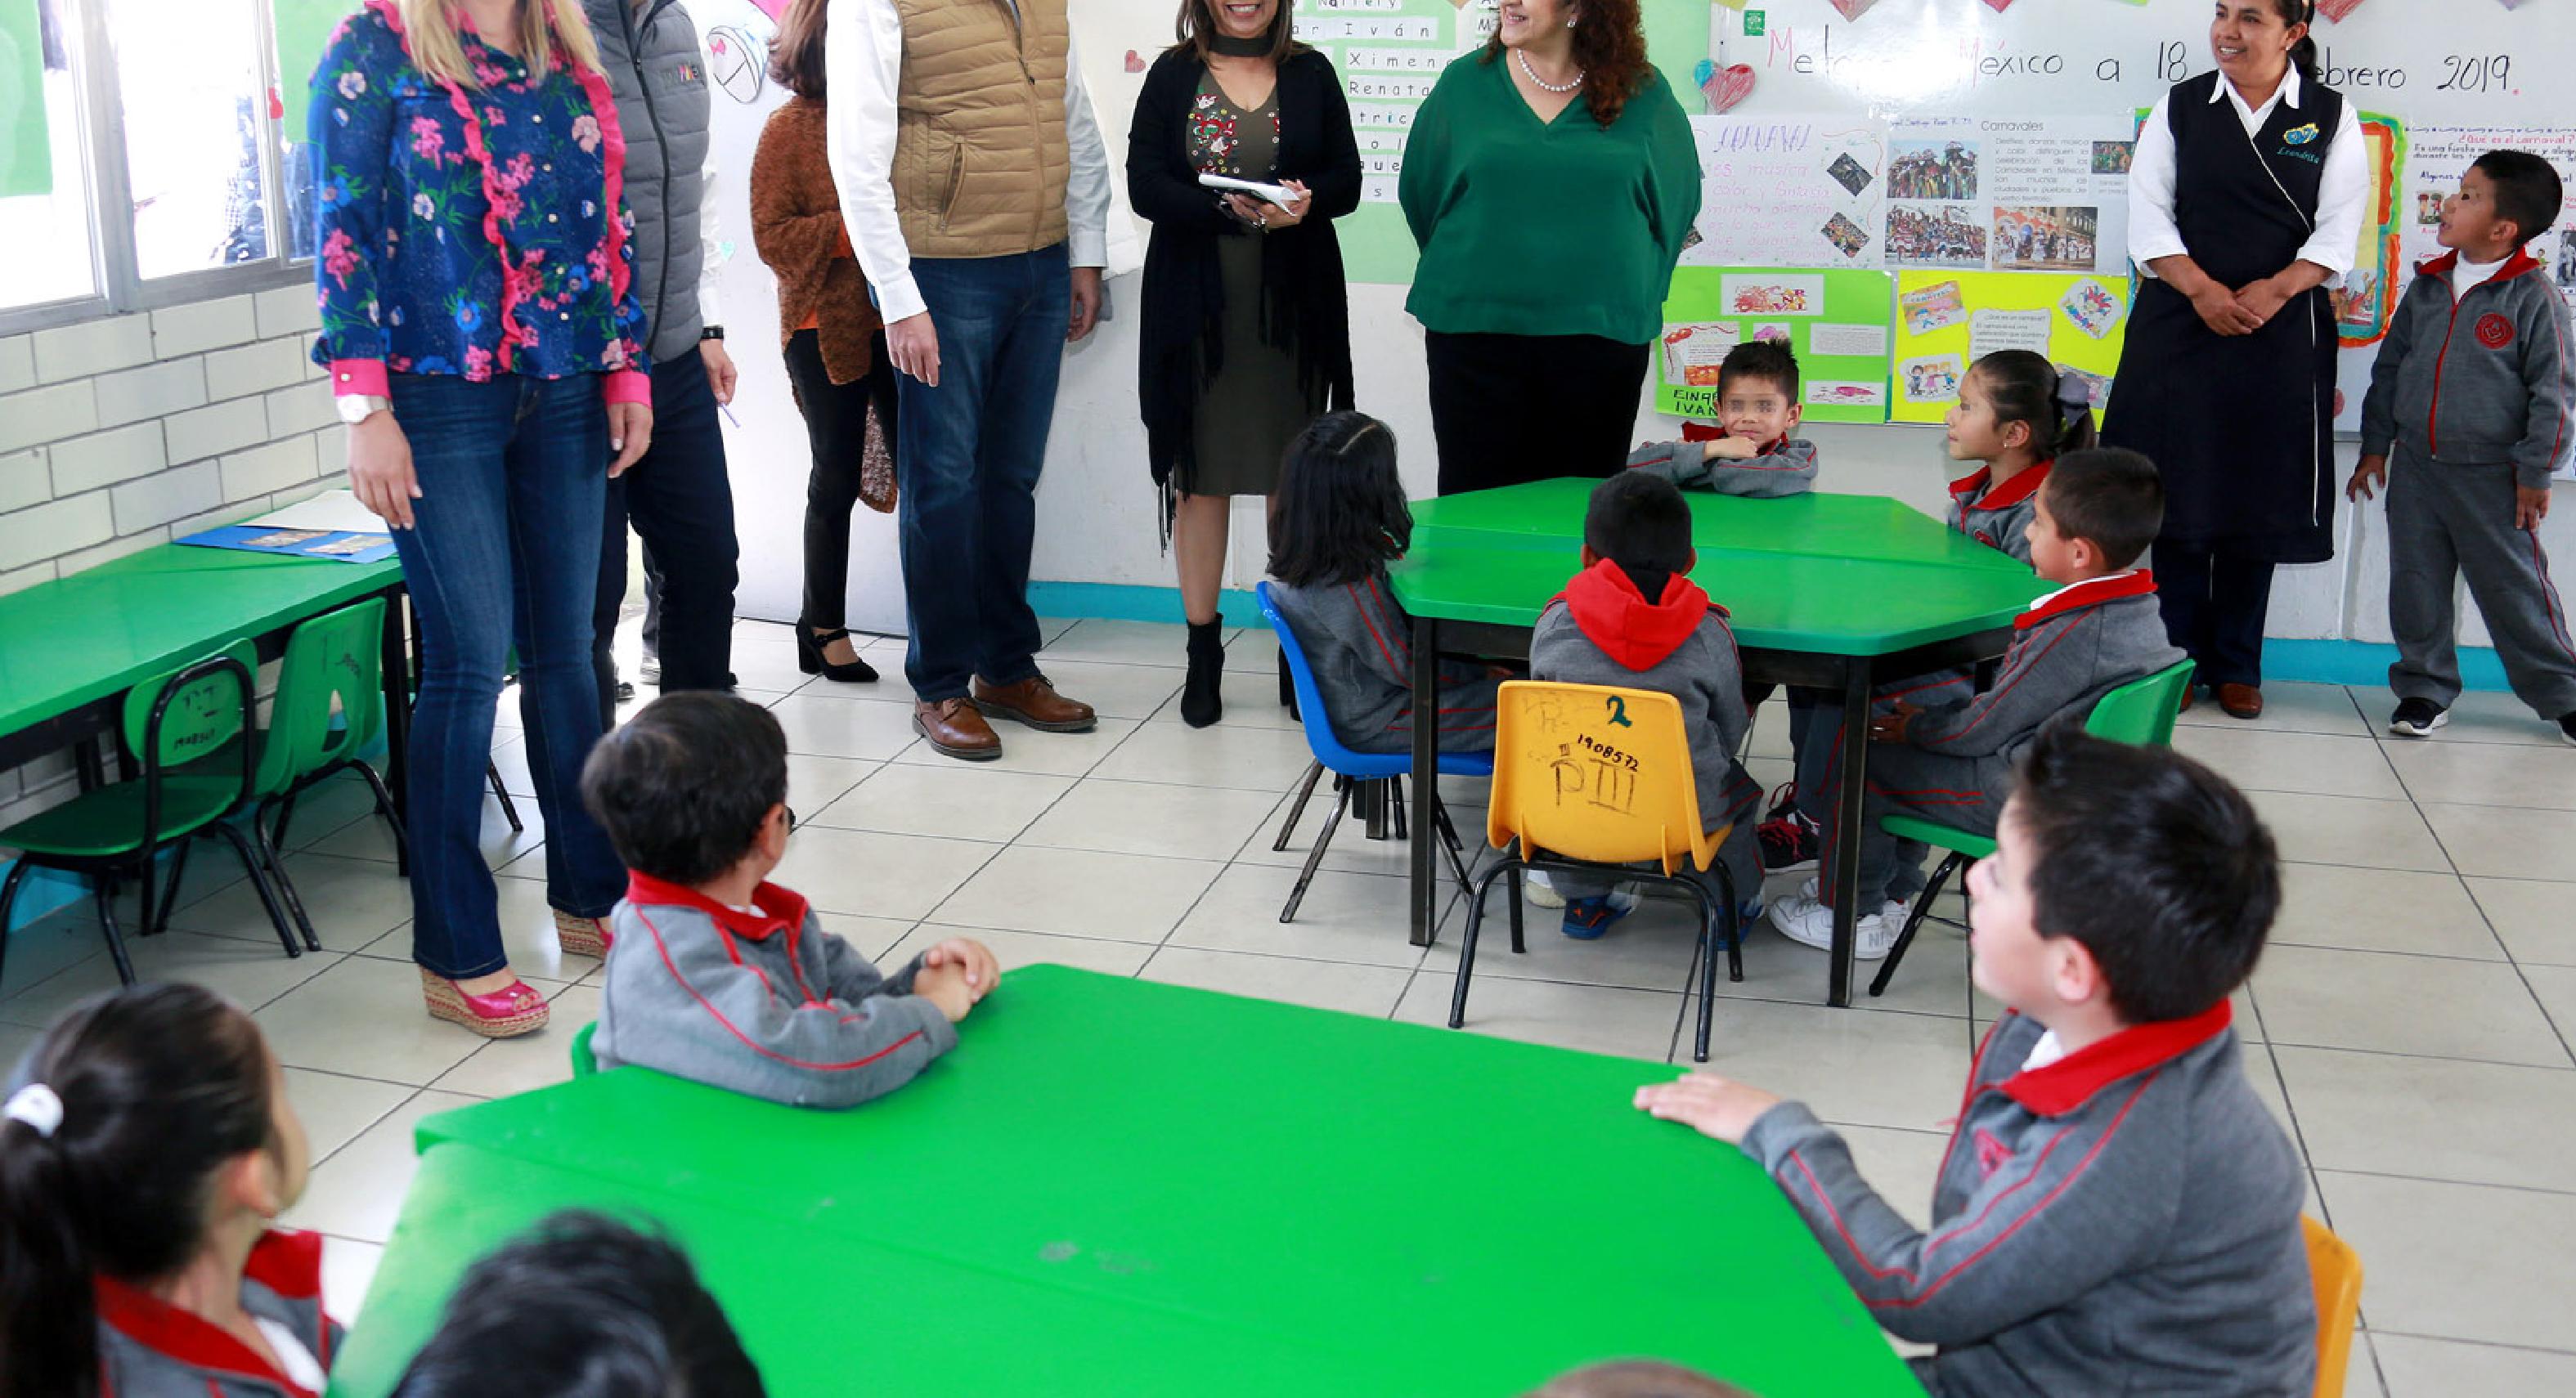 Entregarán útiles escolares en el EDOMEX de cara al periodo 2020-20211